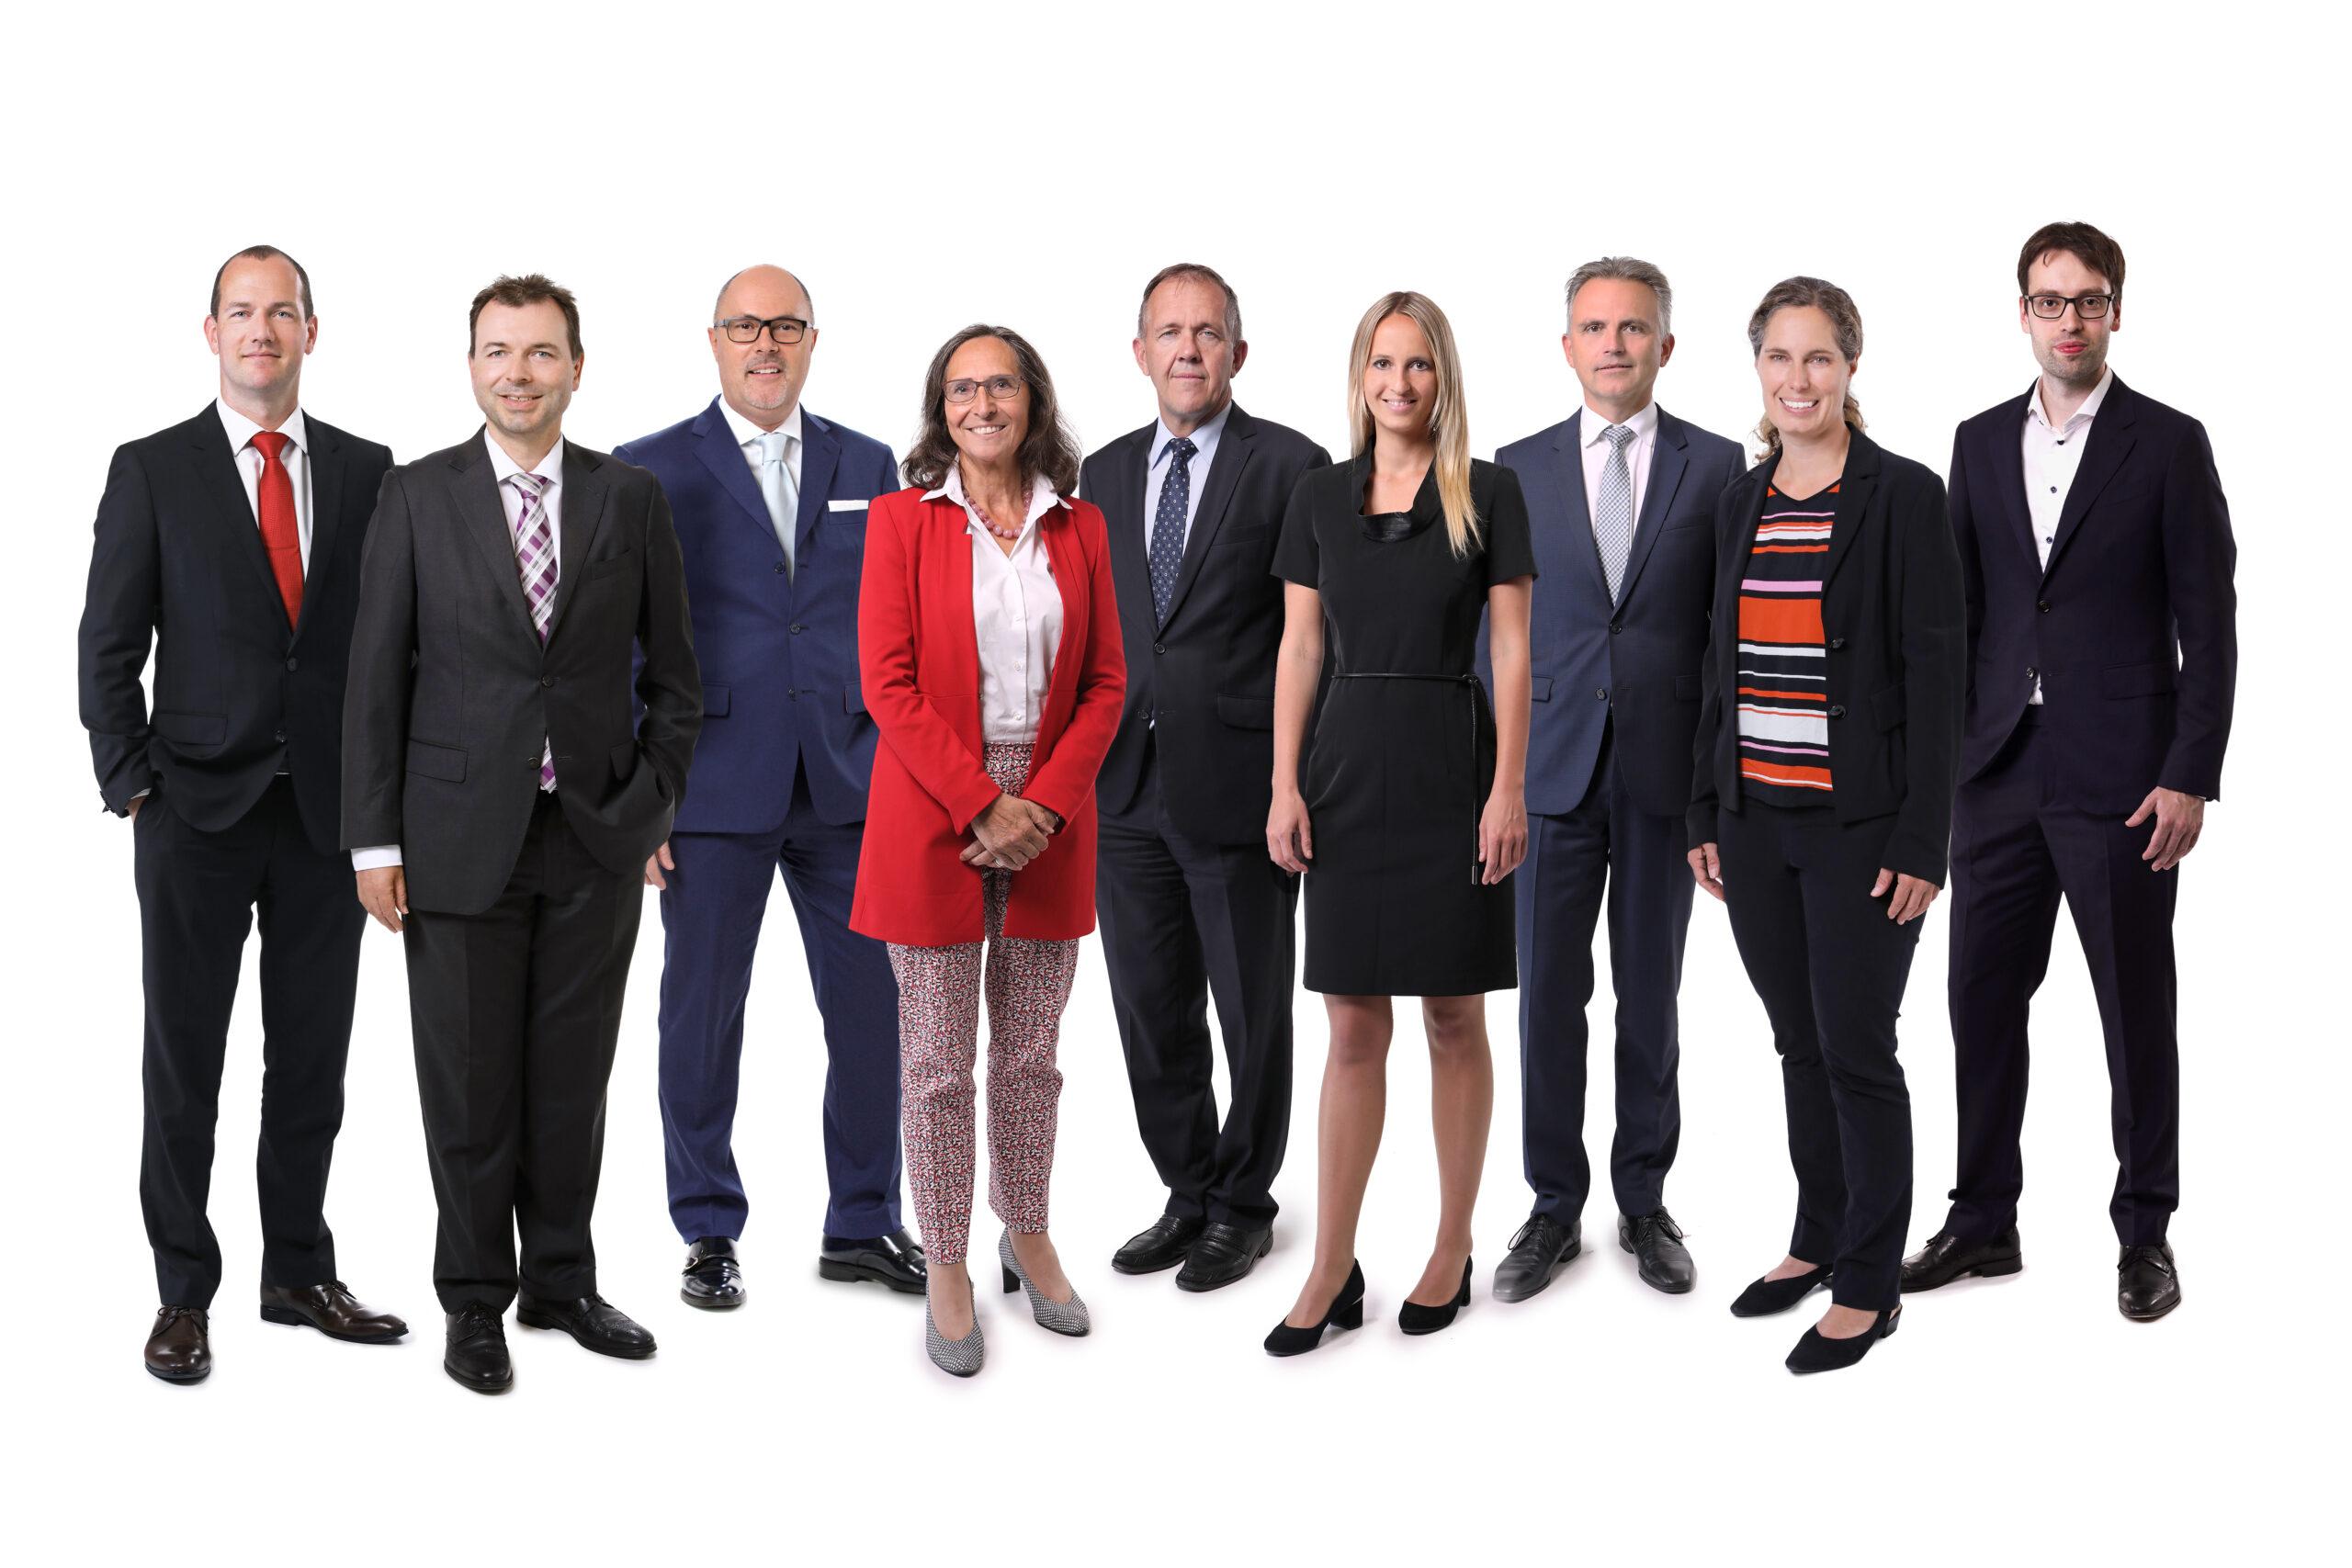 v.l.n.r.: Martin A. Meyer, Dr. Marco Felder, Dr. Marcello Scarnato, Dr. Irene Salvi, Dr. Urs Gähwiler, Mag. Amanda Ess, Bernhard Büchel, Dr. Heinz Frommelt, Matthias Langer